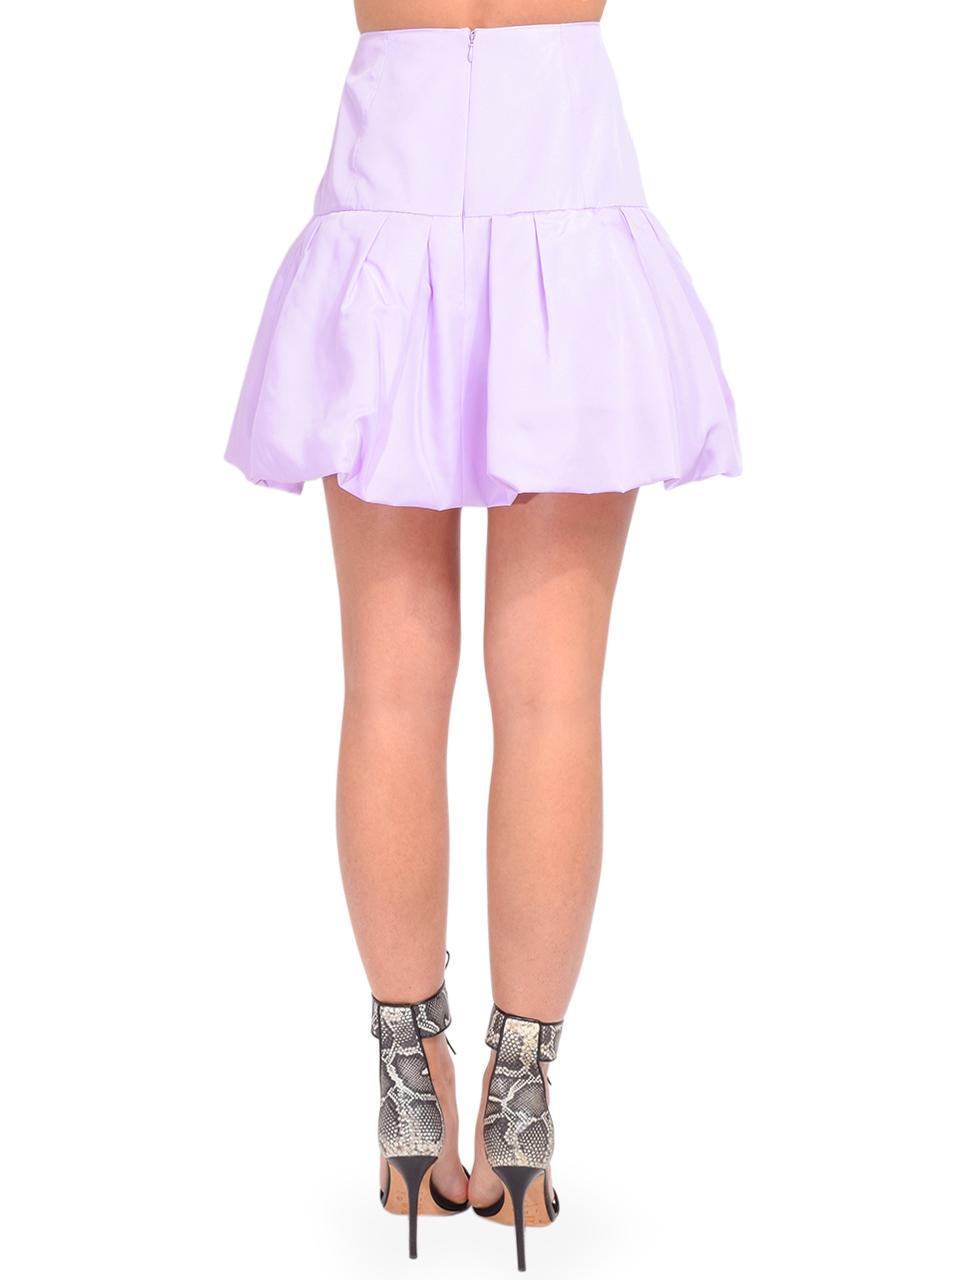 3.1 Phillip Lim Bubble Hem Taffeta Mini Skirt in Lavender Back View